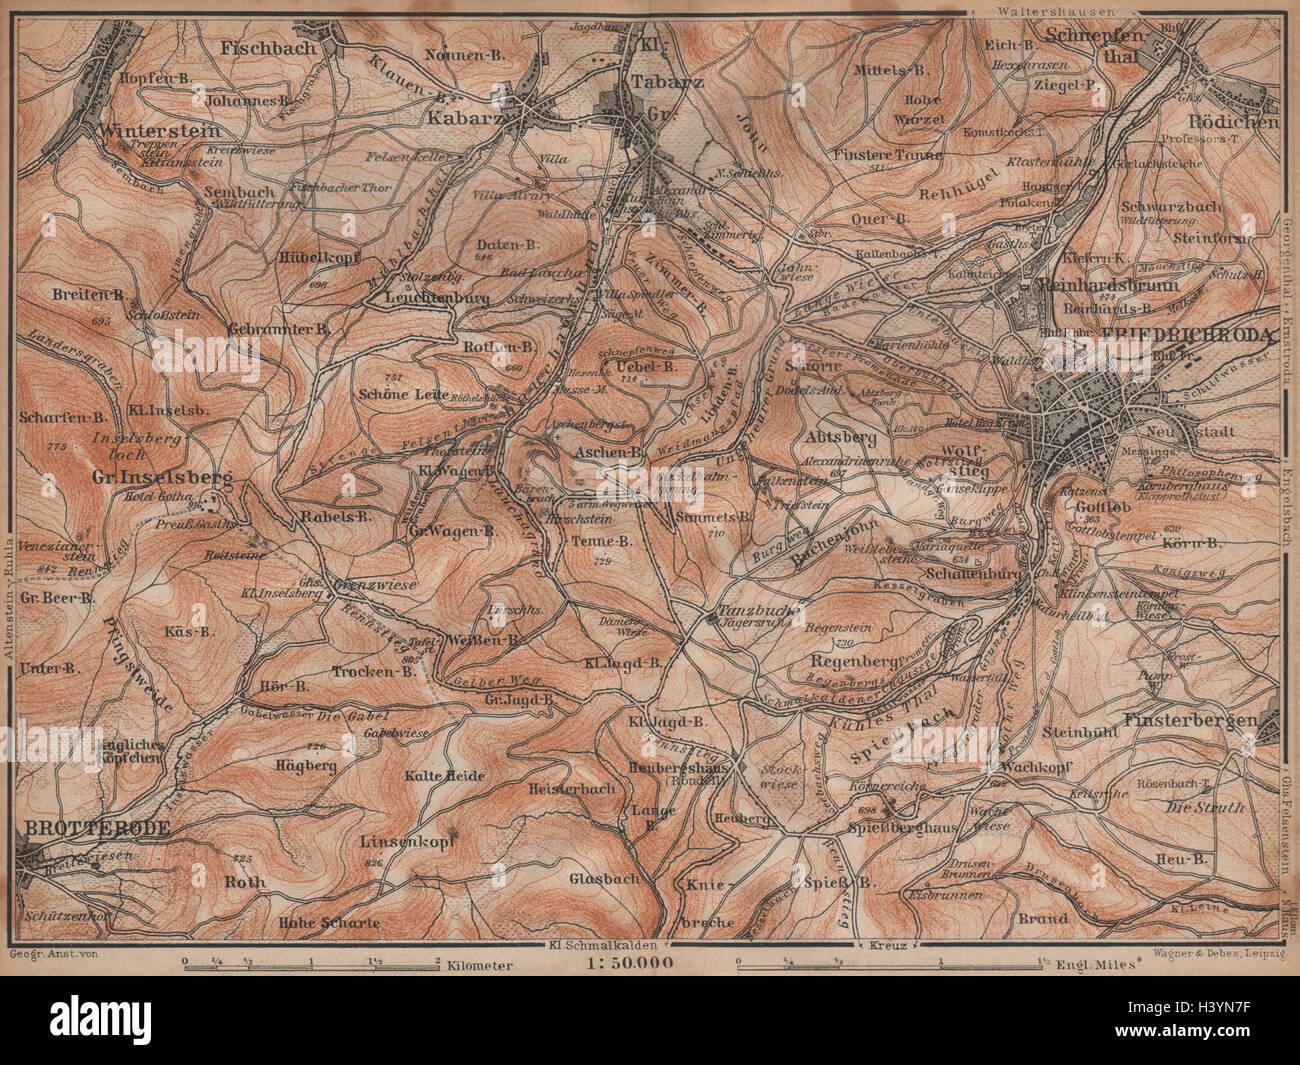 Thüringer Wald Karte.Friedrichroda Thüringer Wald Brotterode Großer Inselsberg